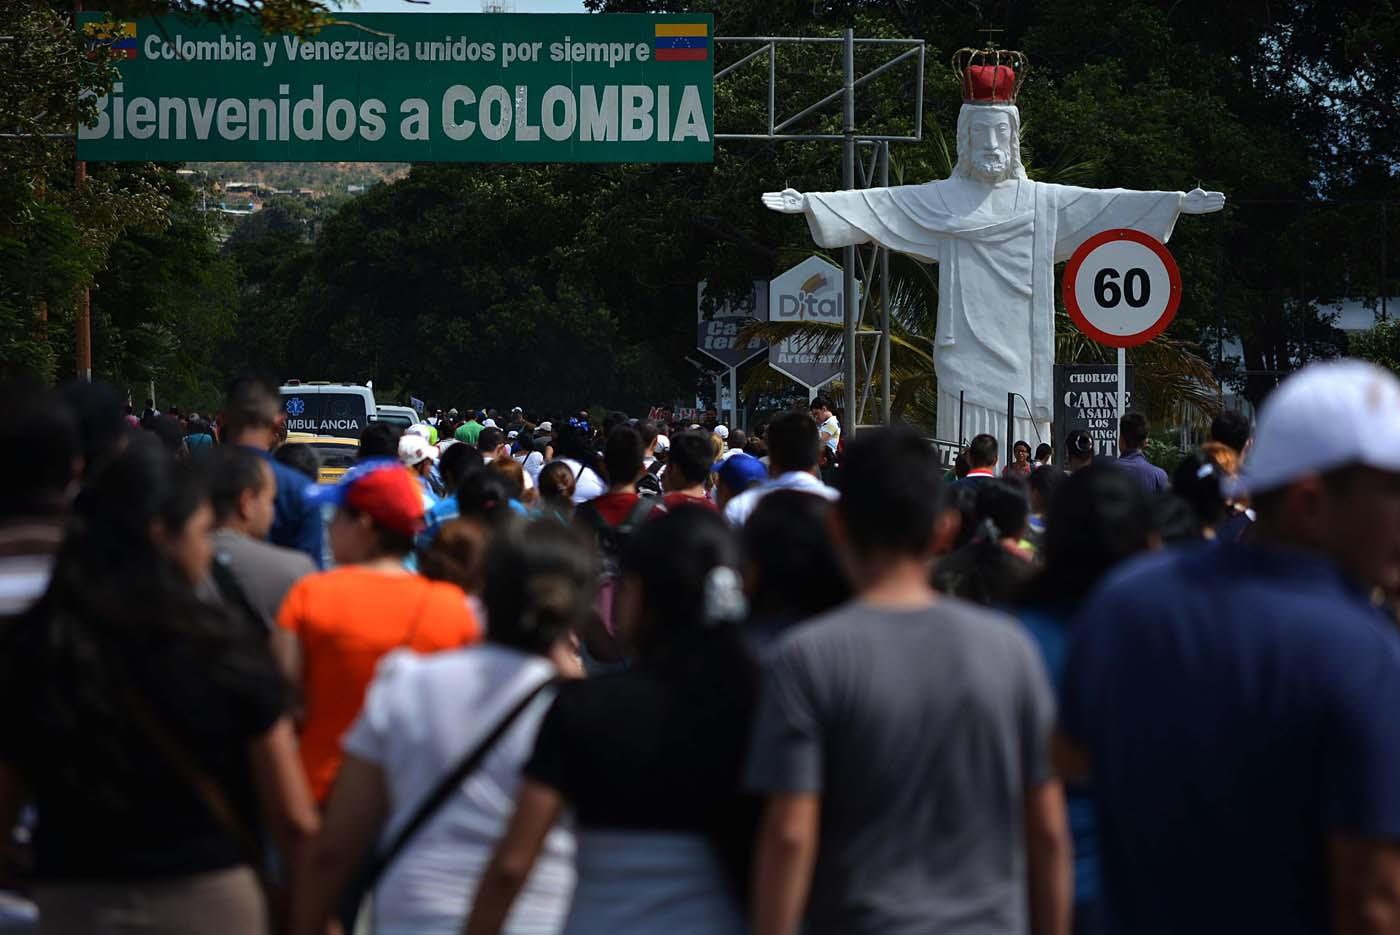 CAR08. SAN ANTONIO DEL TÁCHIRA (VENEZUELA), 17/07/2016.- Ciudadanos venezolanos cruzan hoy, domingo 17 de julio de 2016, el puente fronterizo Simón Bolívar hoy, domingo 17 de julio de 2016, en San Antonio del Táchira (Venezuela). Unos 35.000 venezolanos cruzaron a primera hora de hoy a Colombia a través de tres puentes internacionales para comprar víveres, artículos de primera necesidad y medicamentos, en una nueva jornada de apertura temporal en la frontera, informaron fuentes oficiales. EFE/Gabriel Barrero